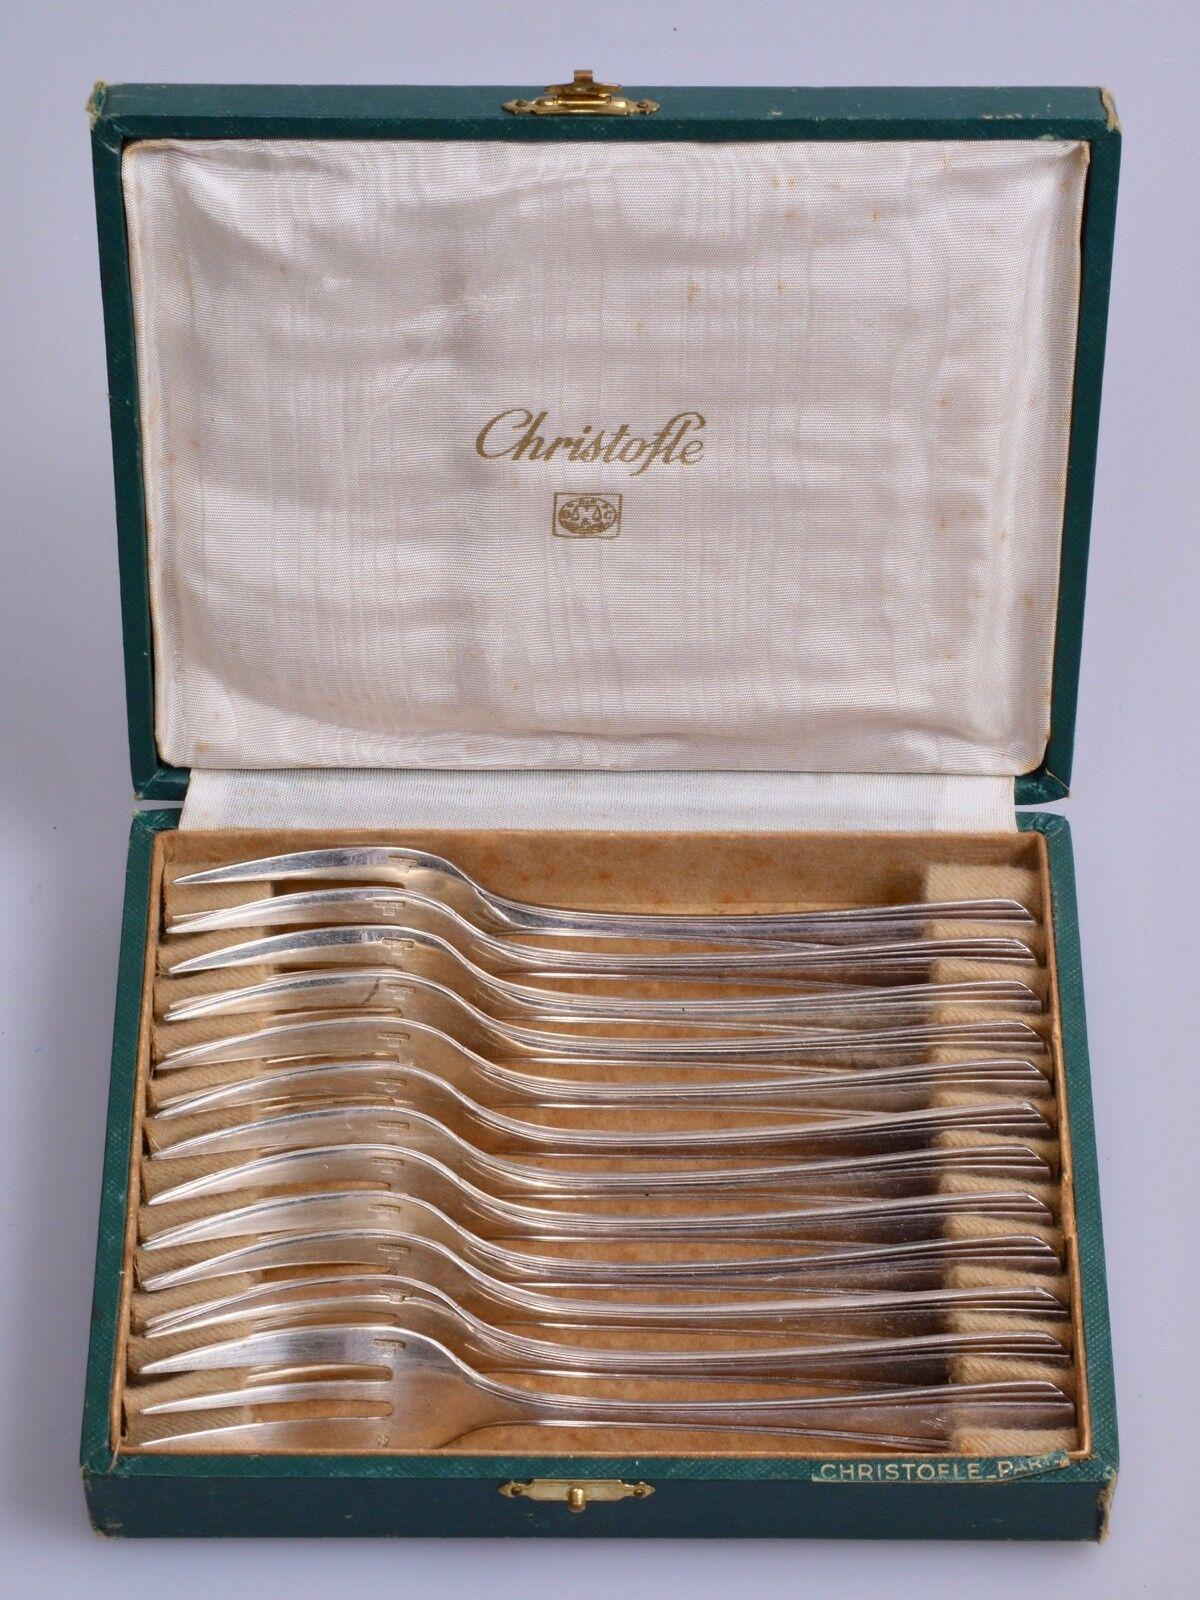 12 FOURCHETTES à GATEAUX CRISTOFLE modèle BOREAL 1930 avec écrin